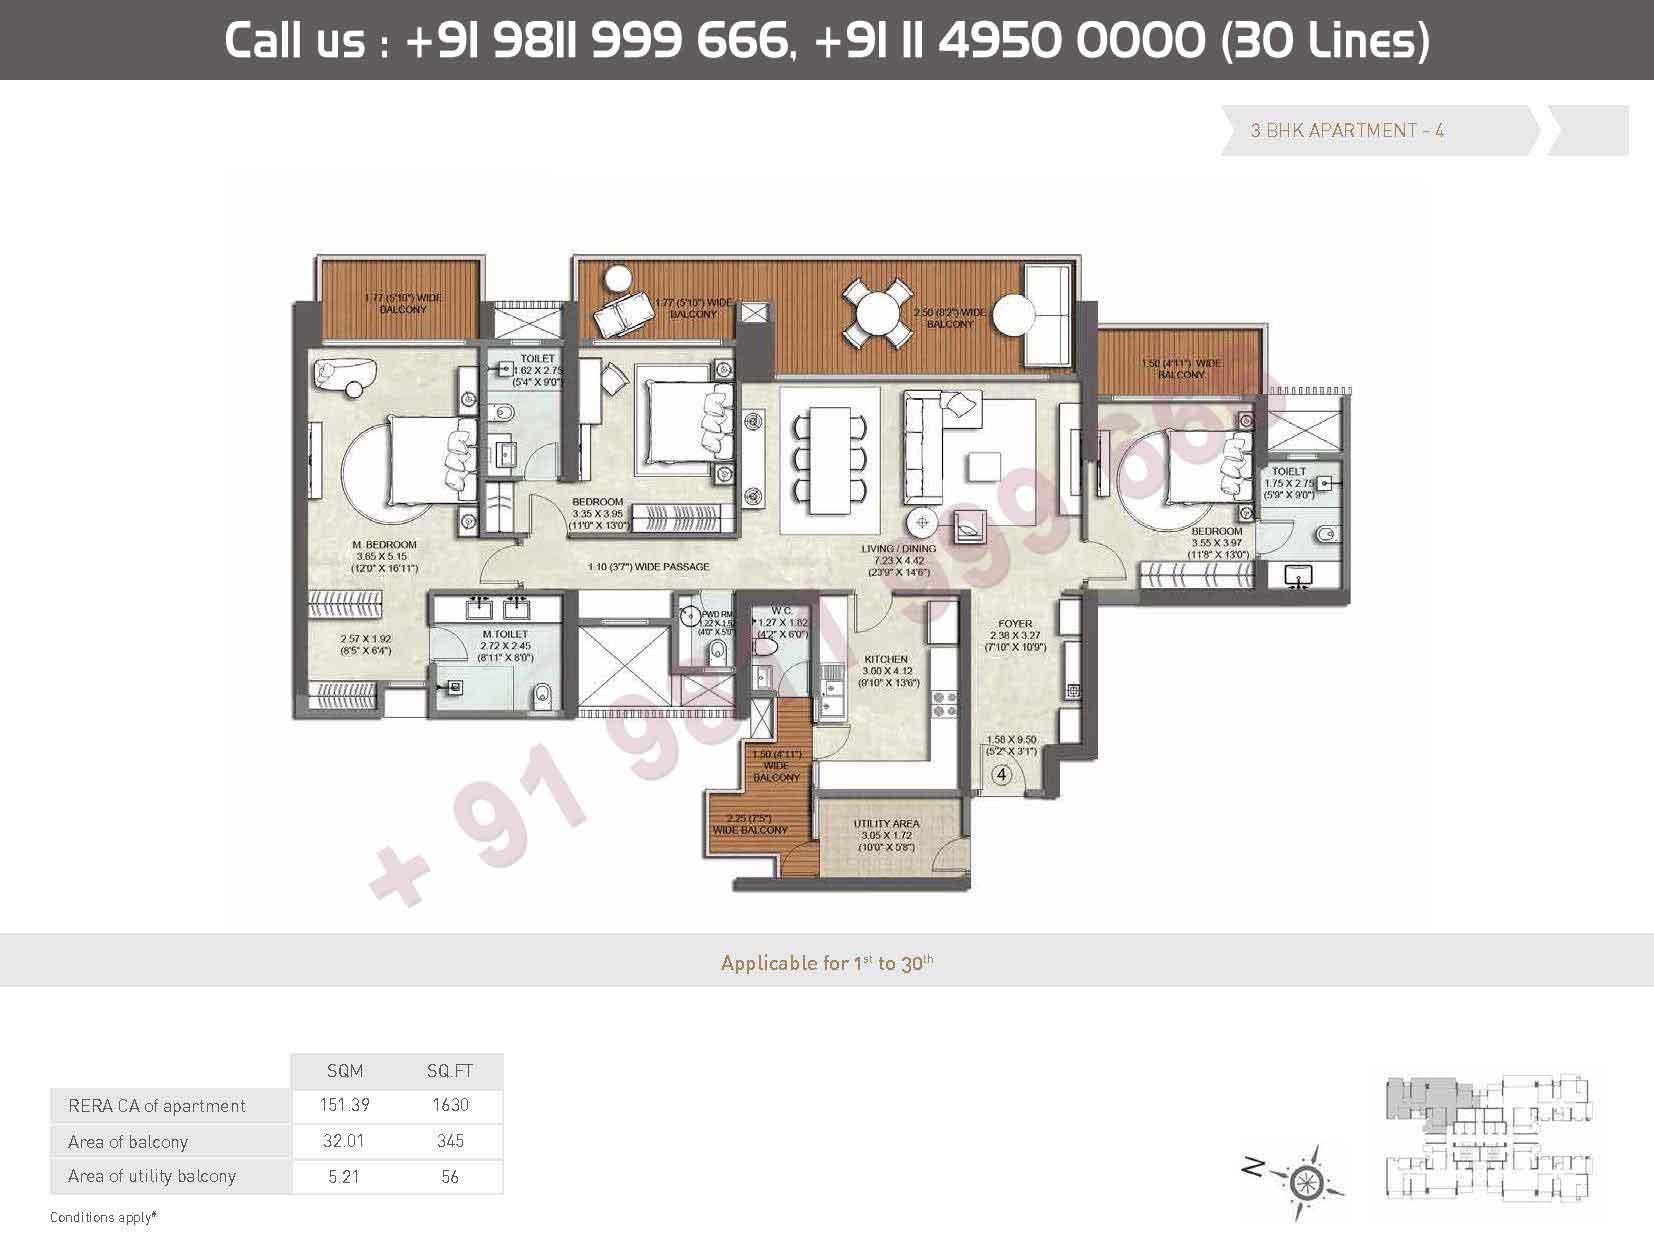 Apartments - 4 : 1630 Sq. Ft.